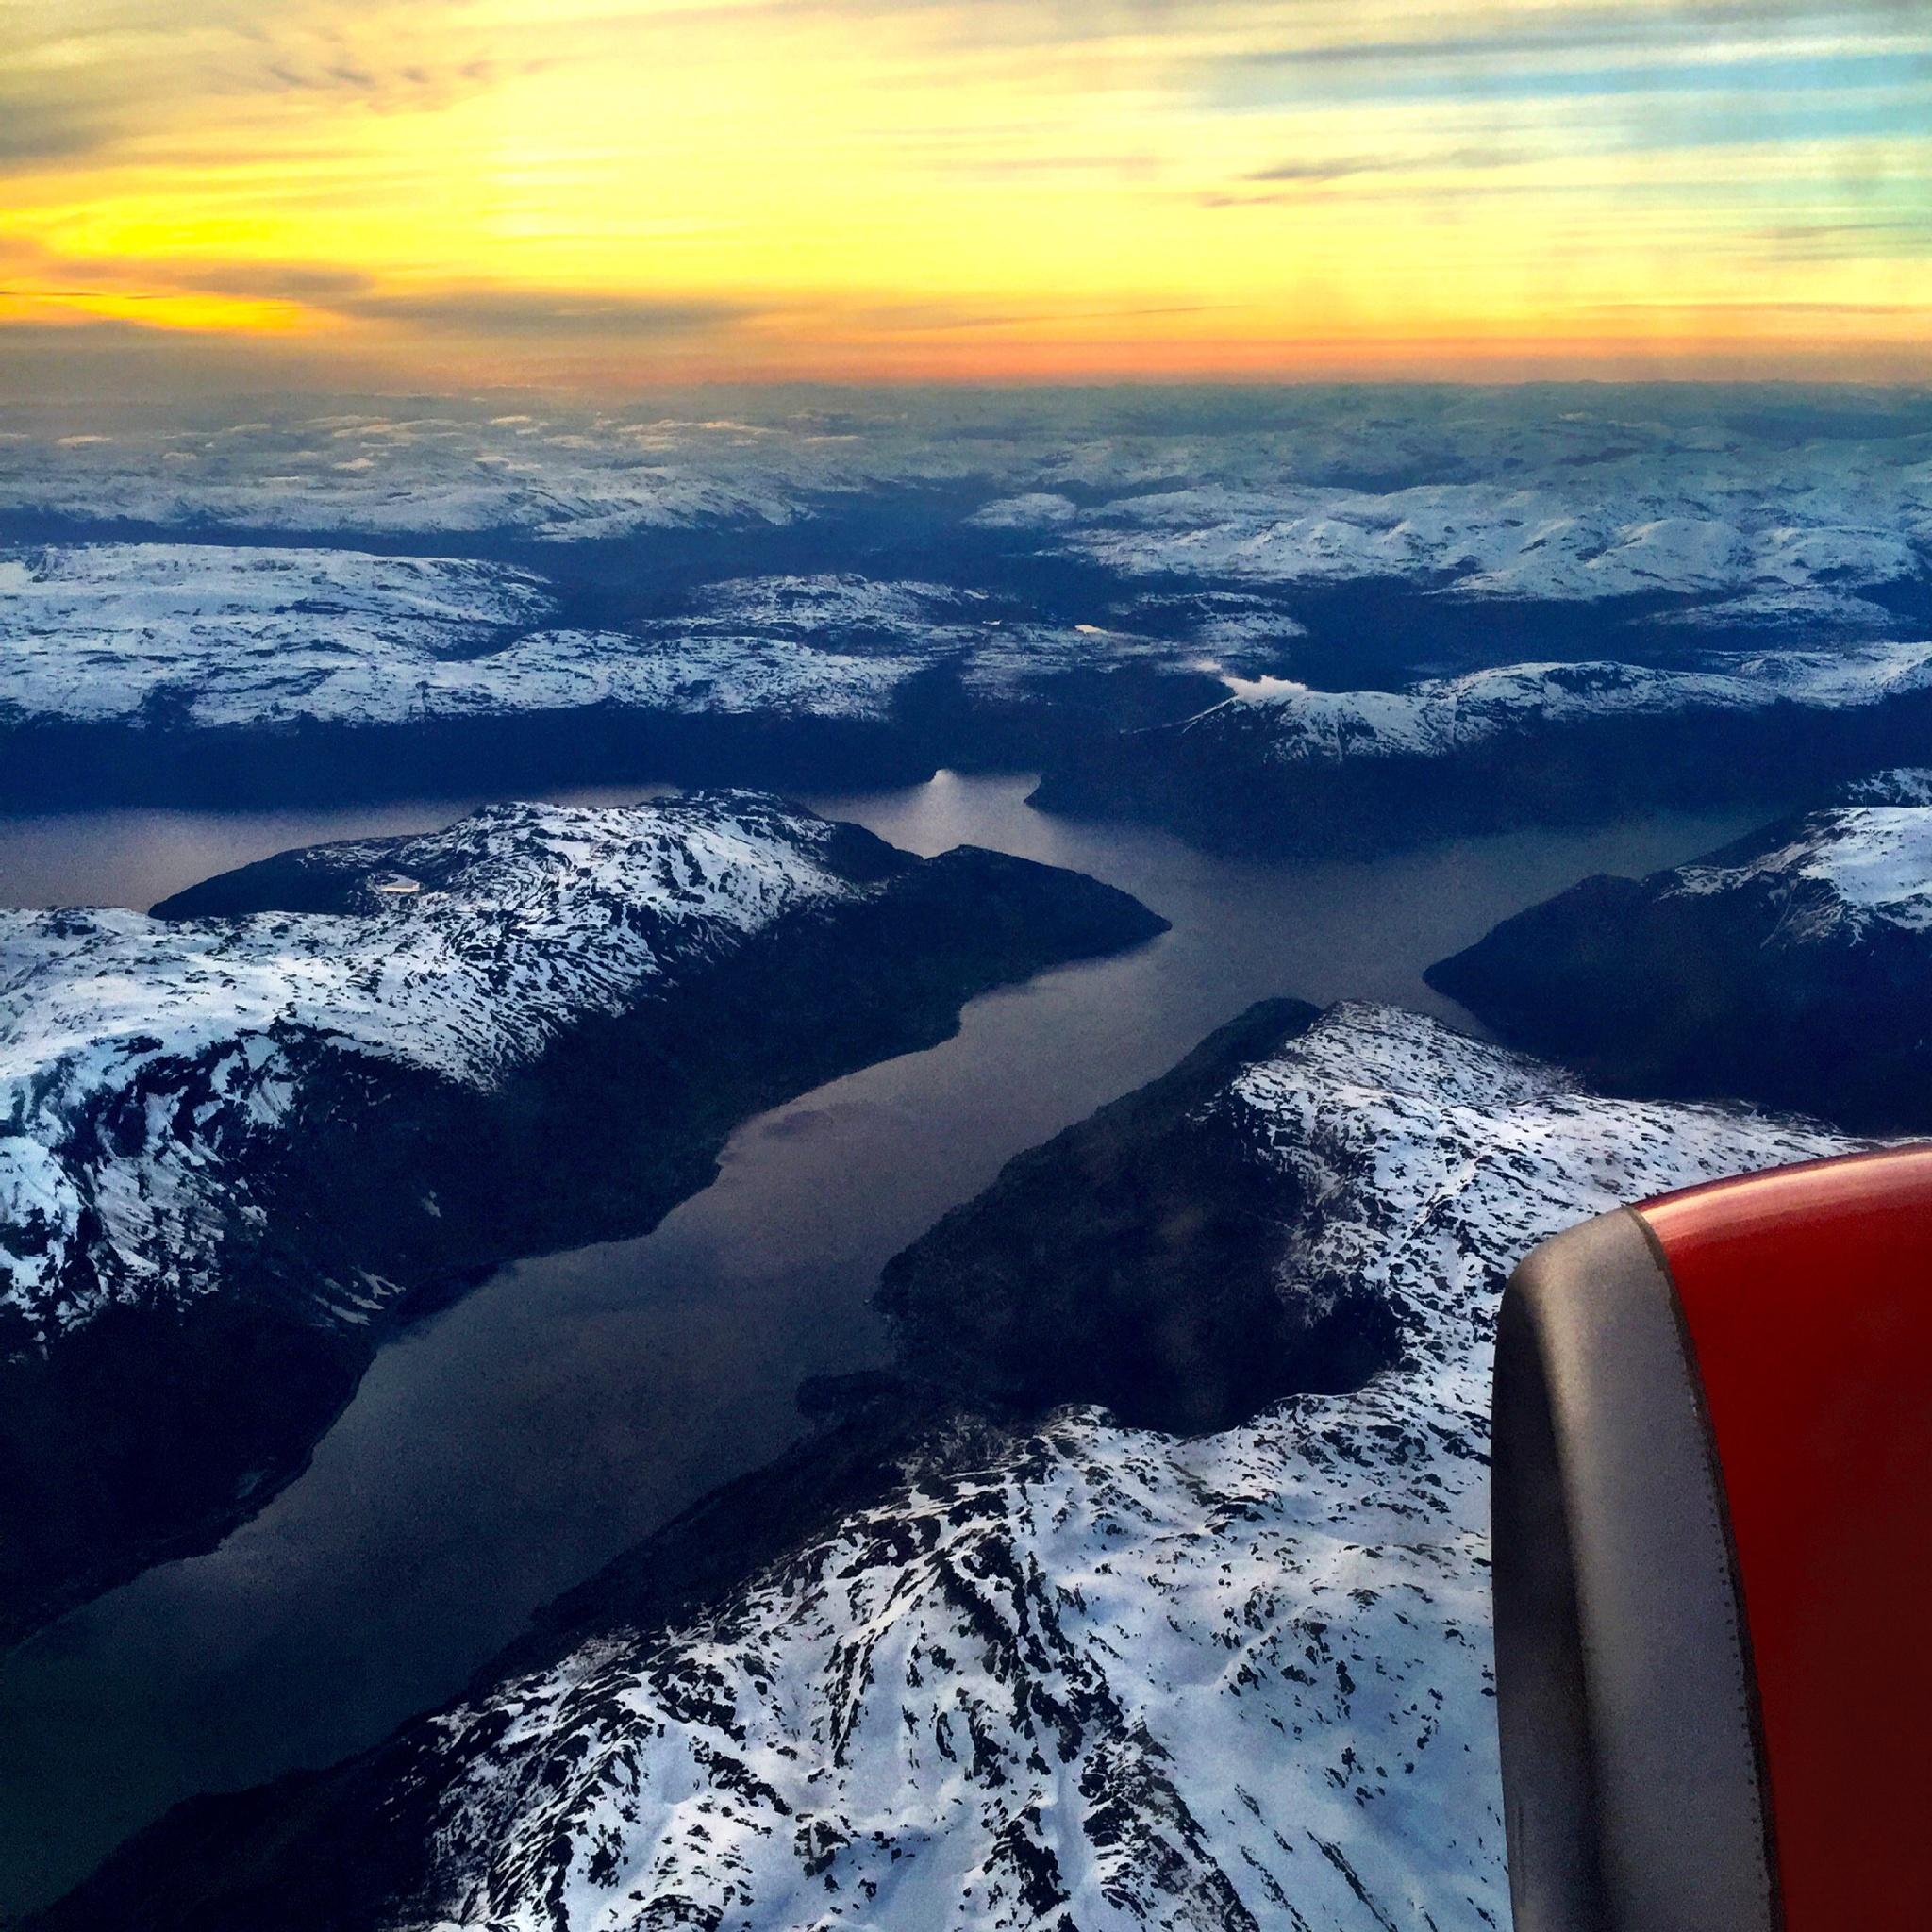 Winter-flying in Norway by Jan-Petter Dahl